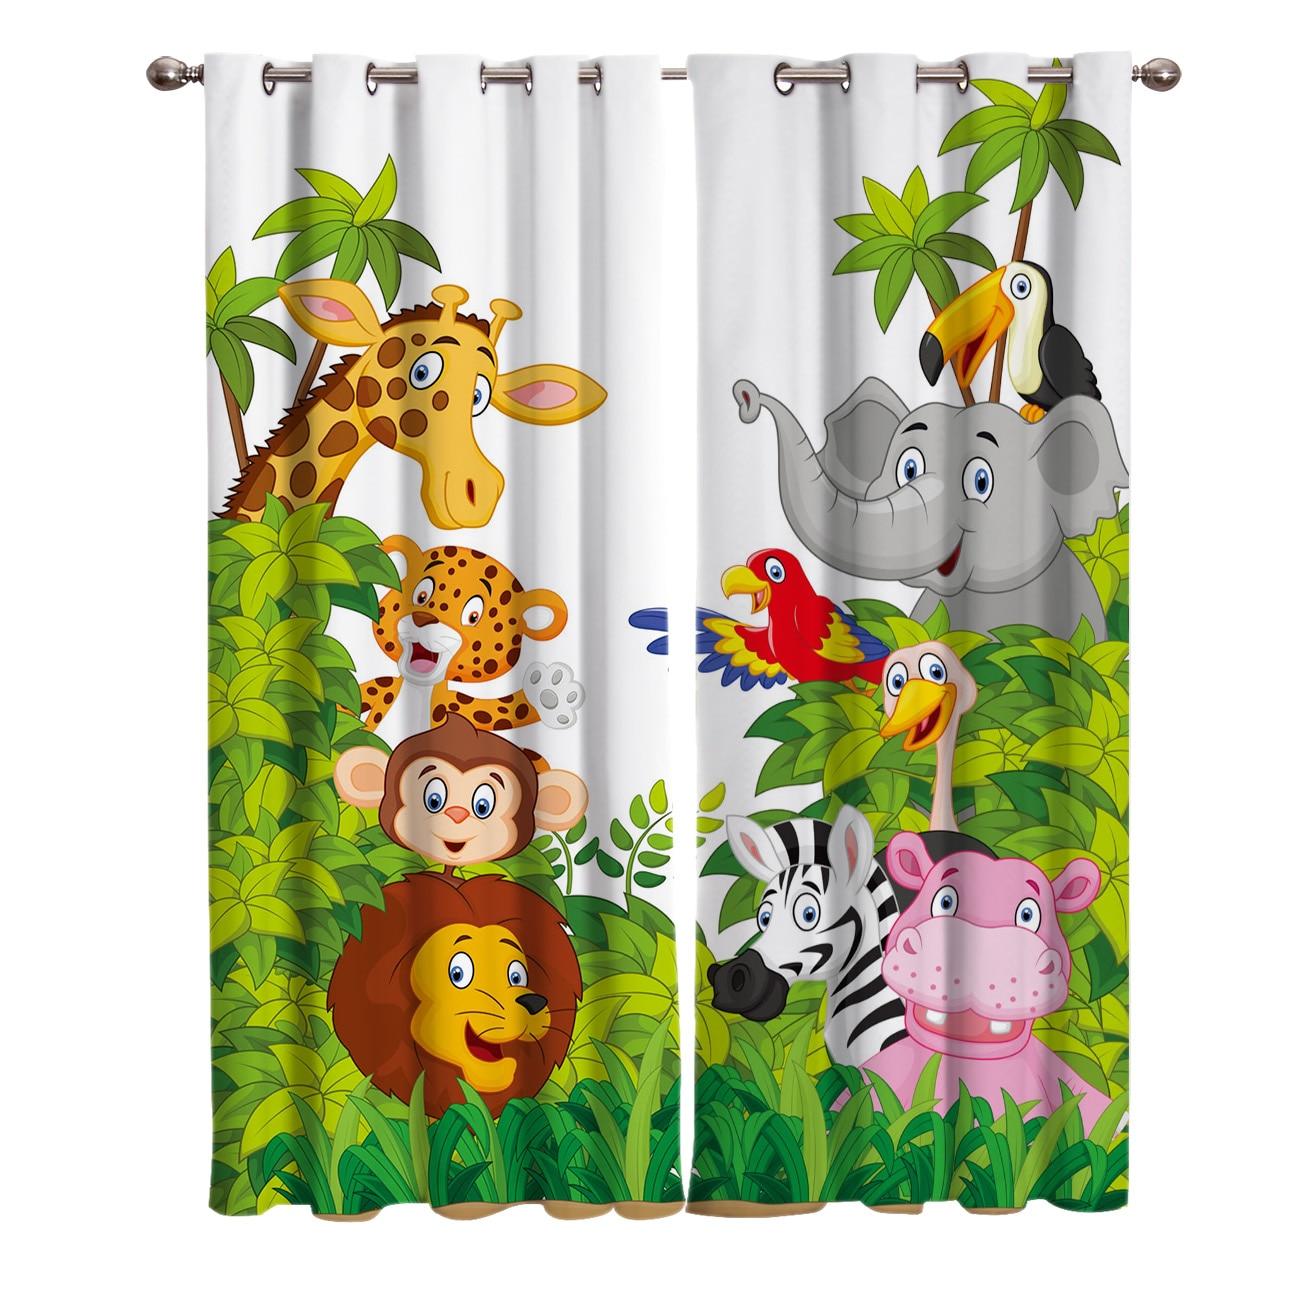 Занавески джунгли с животными из мультфильмов, жираф, Лев, Детские занавески для гостиной, спальни, украшение для дома, занавески на окна для...